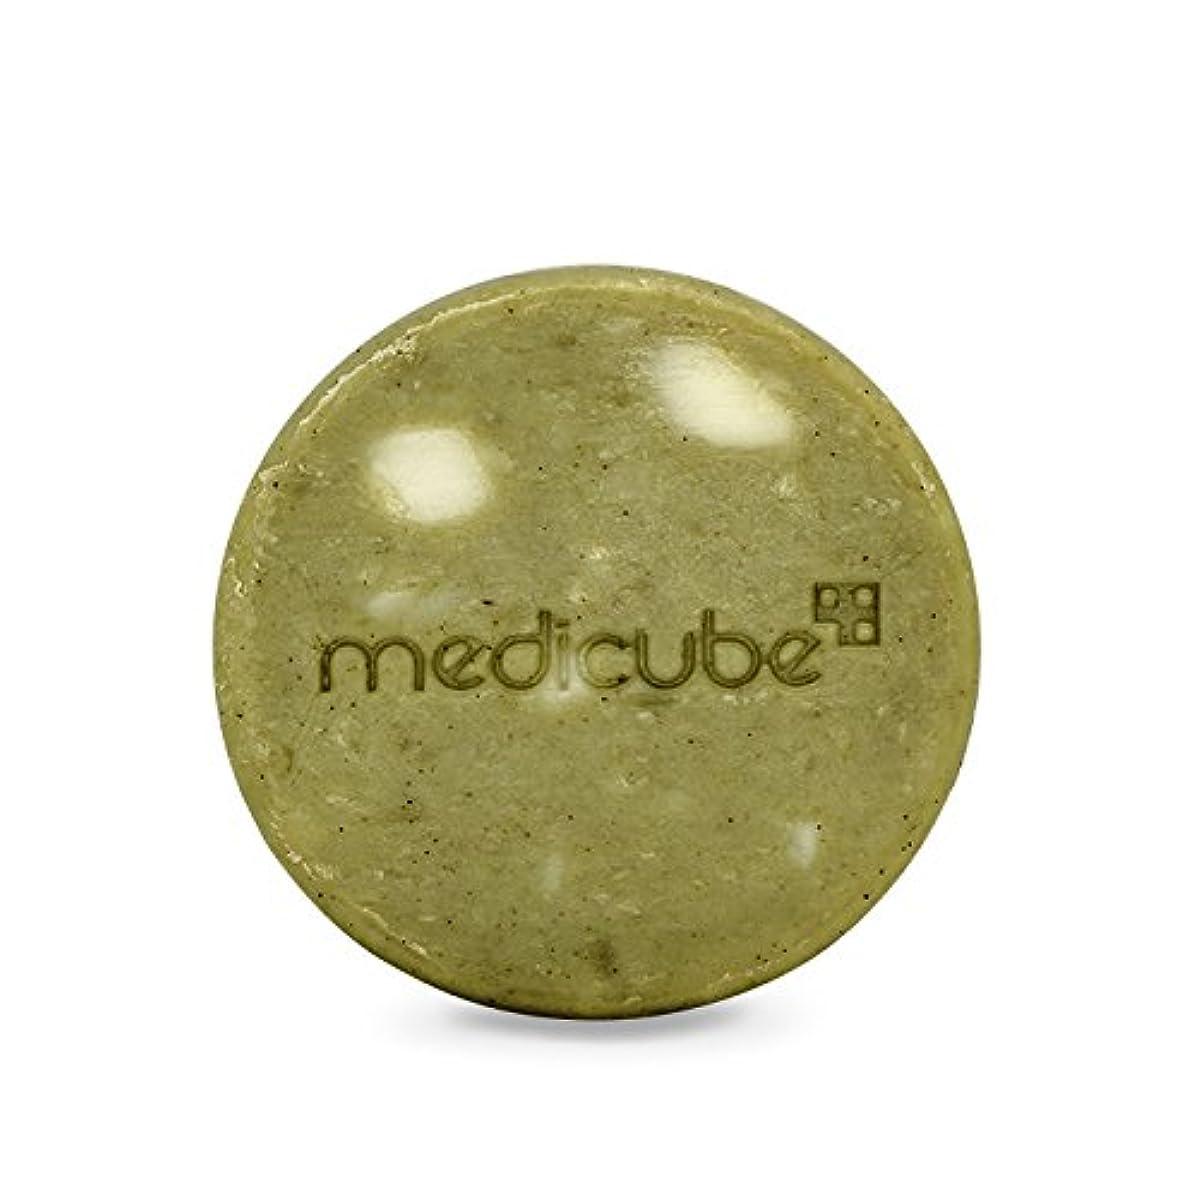 脚規模独裁[Medicube]Red Body Bar / メディキューブレッドボディバー / 正品?海外直送商品 [並行輸入品]